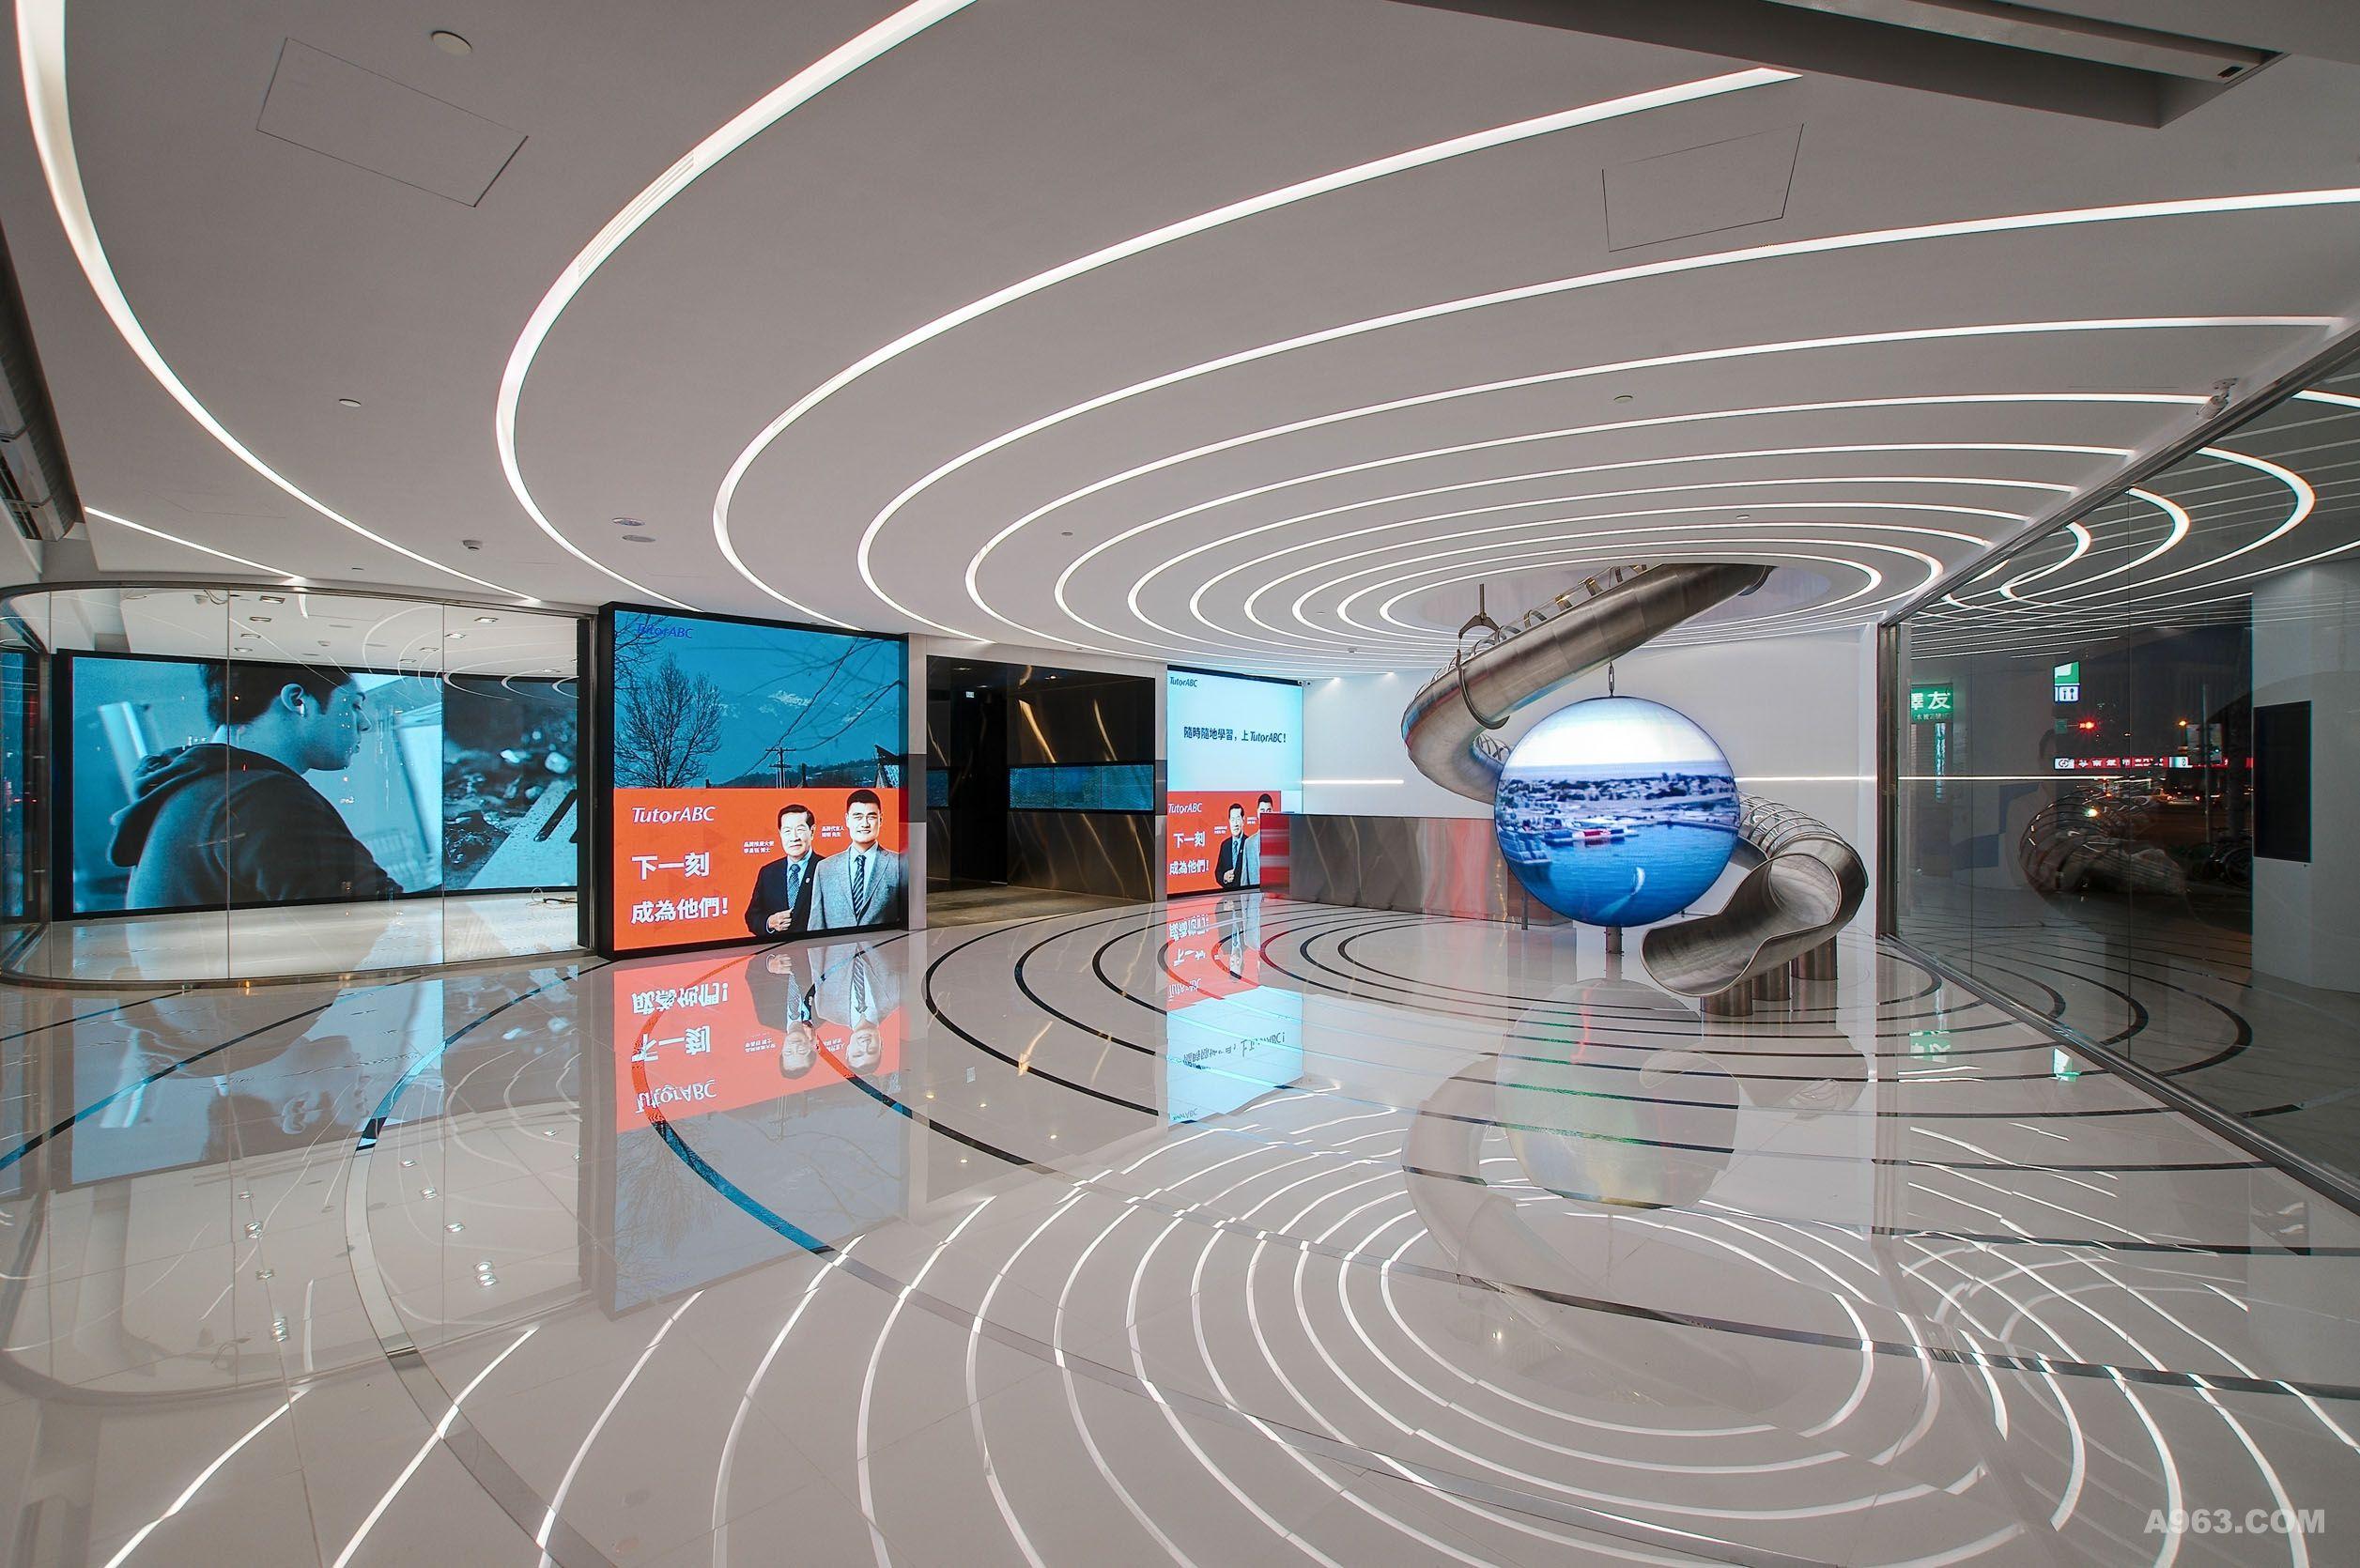 台北 tutorabc 办公室兼体验展示中心